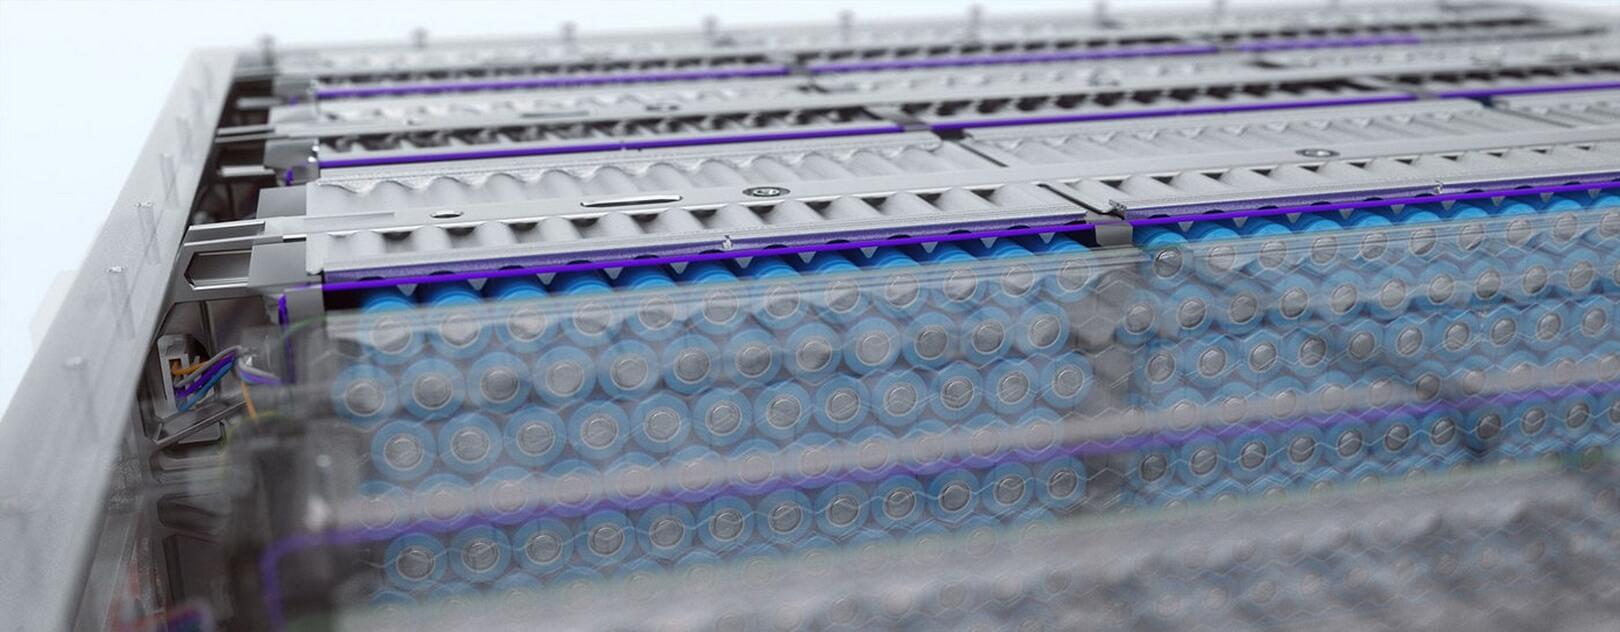 Аккумуляторные блоки Proterra собраны с использованием цилиндрических батарейных элементов